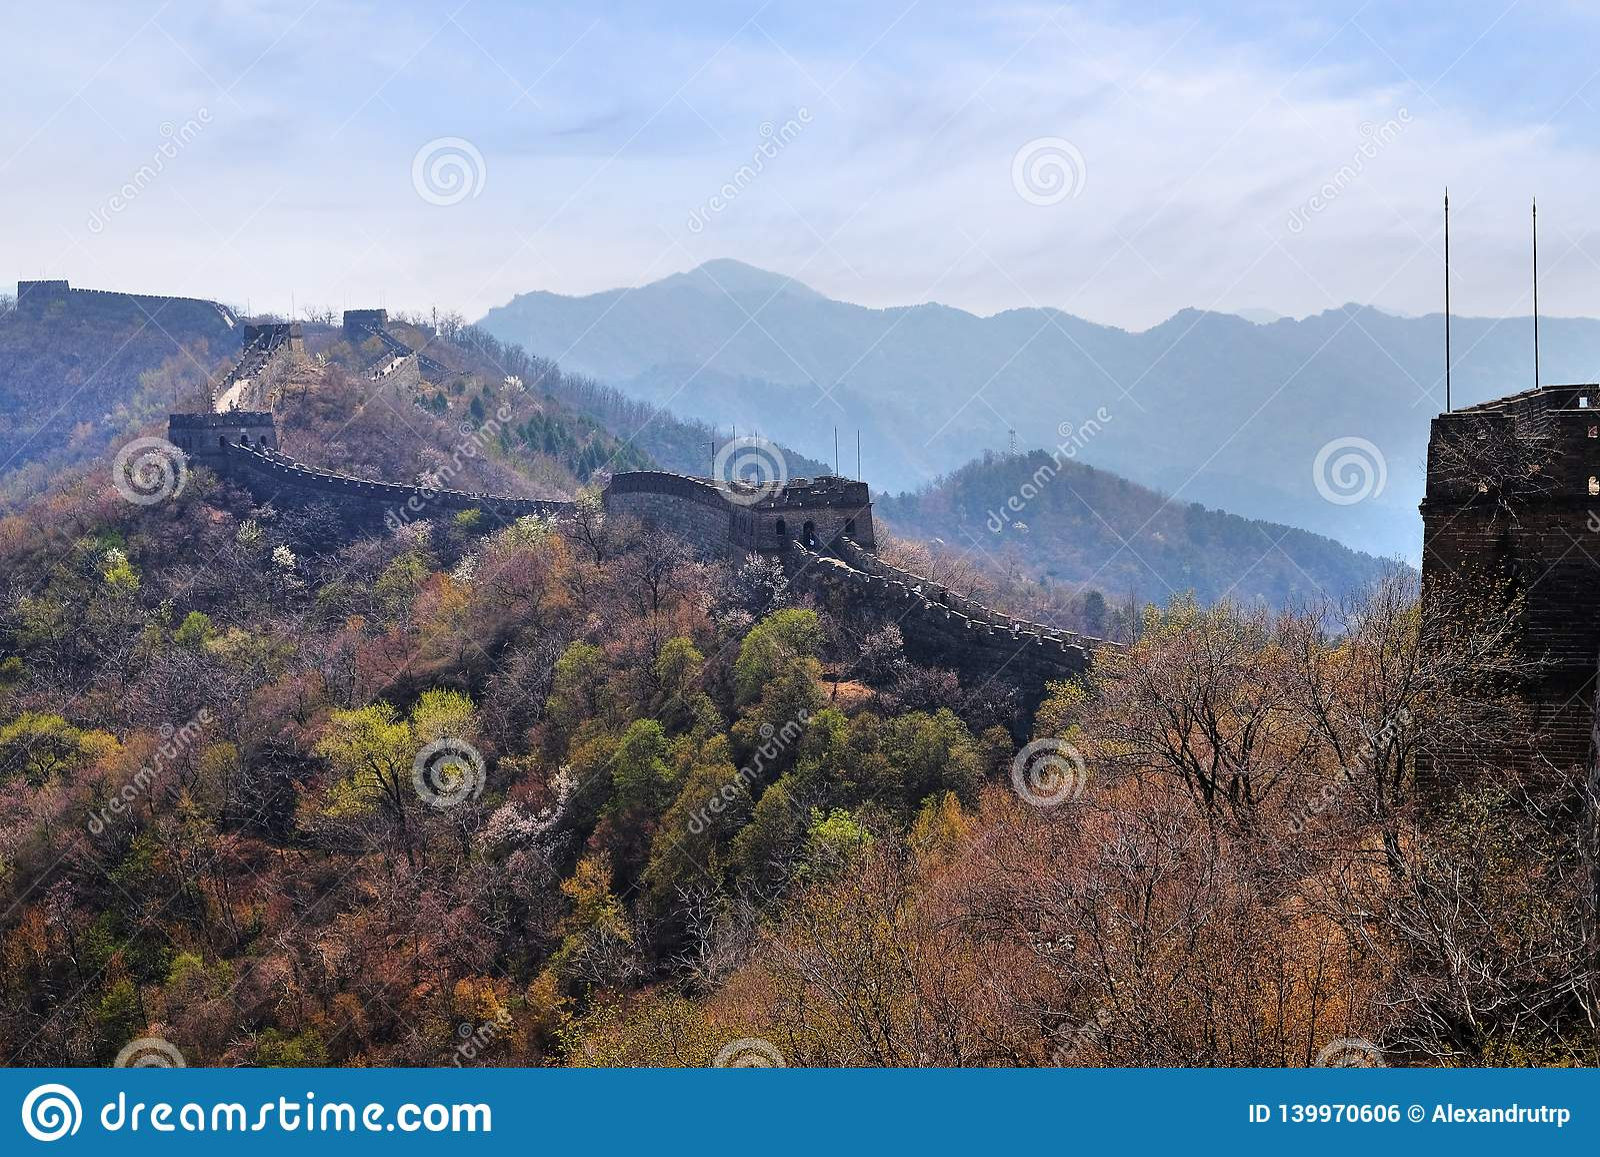 La sección de Mutianyu de la Gran Muralla de China en un día de primavera soleado, contra un cielo azul